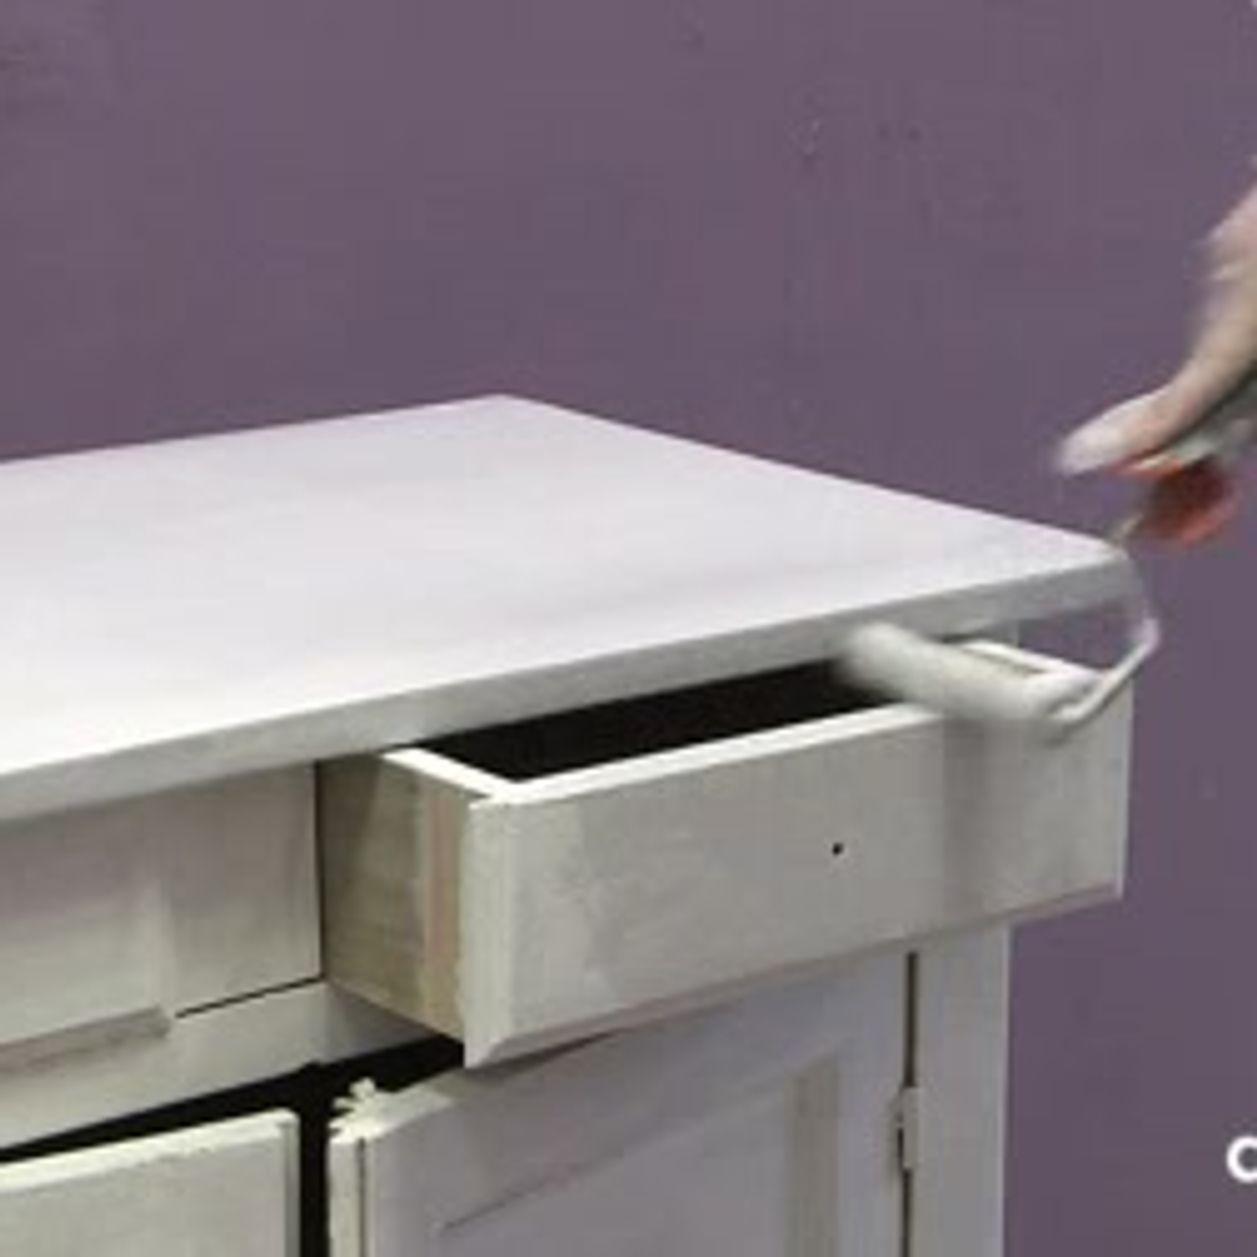 Matériel Pour Patiner Un Meuble patiner un meuble - tutoriel vidéo : comment patiner un meuble